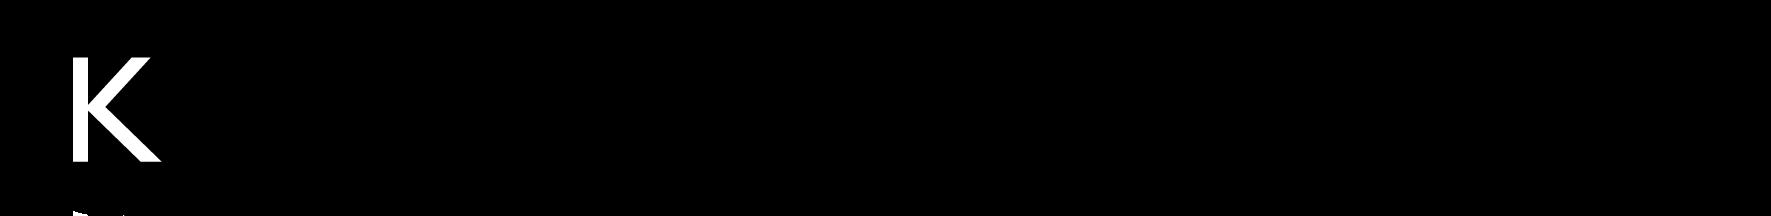 KON_logotype_stor_150dpi.png